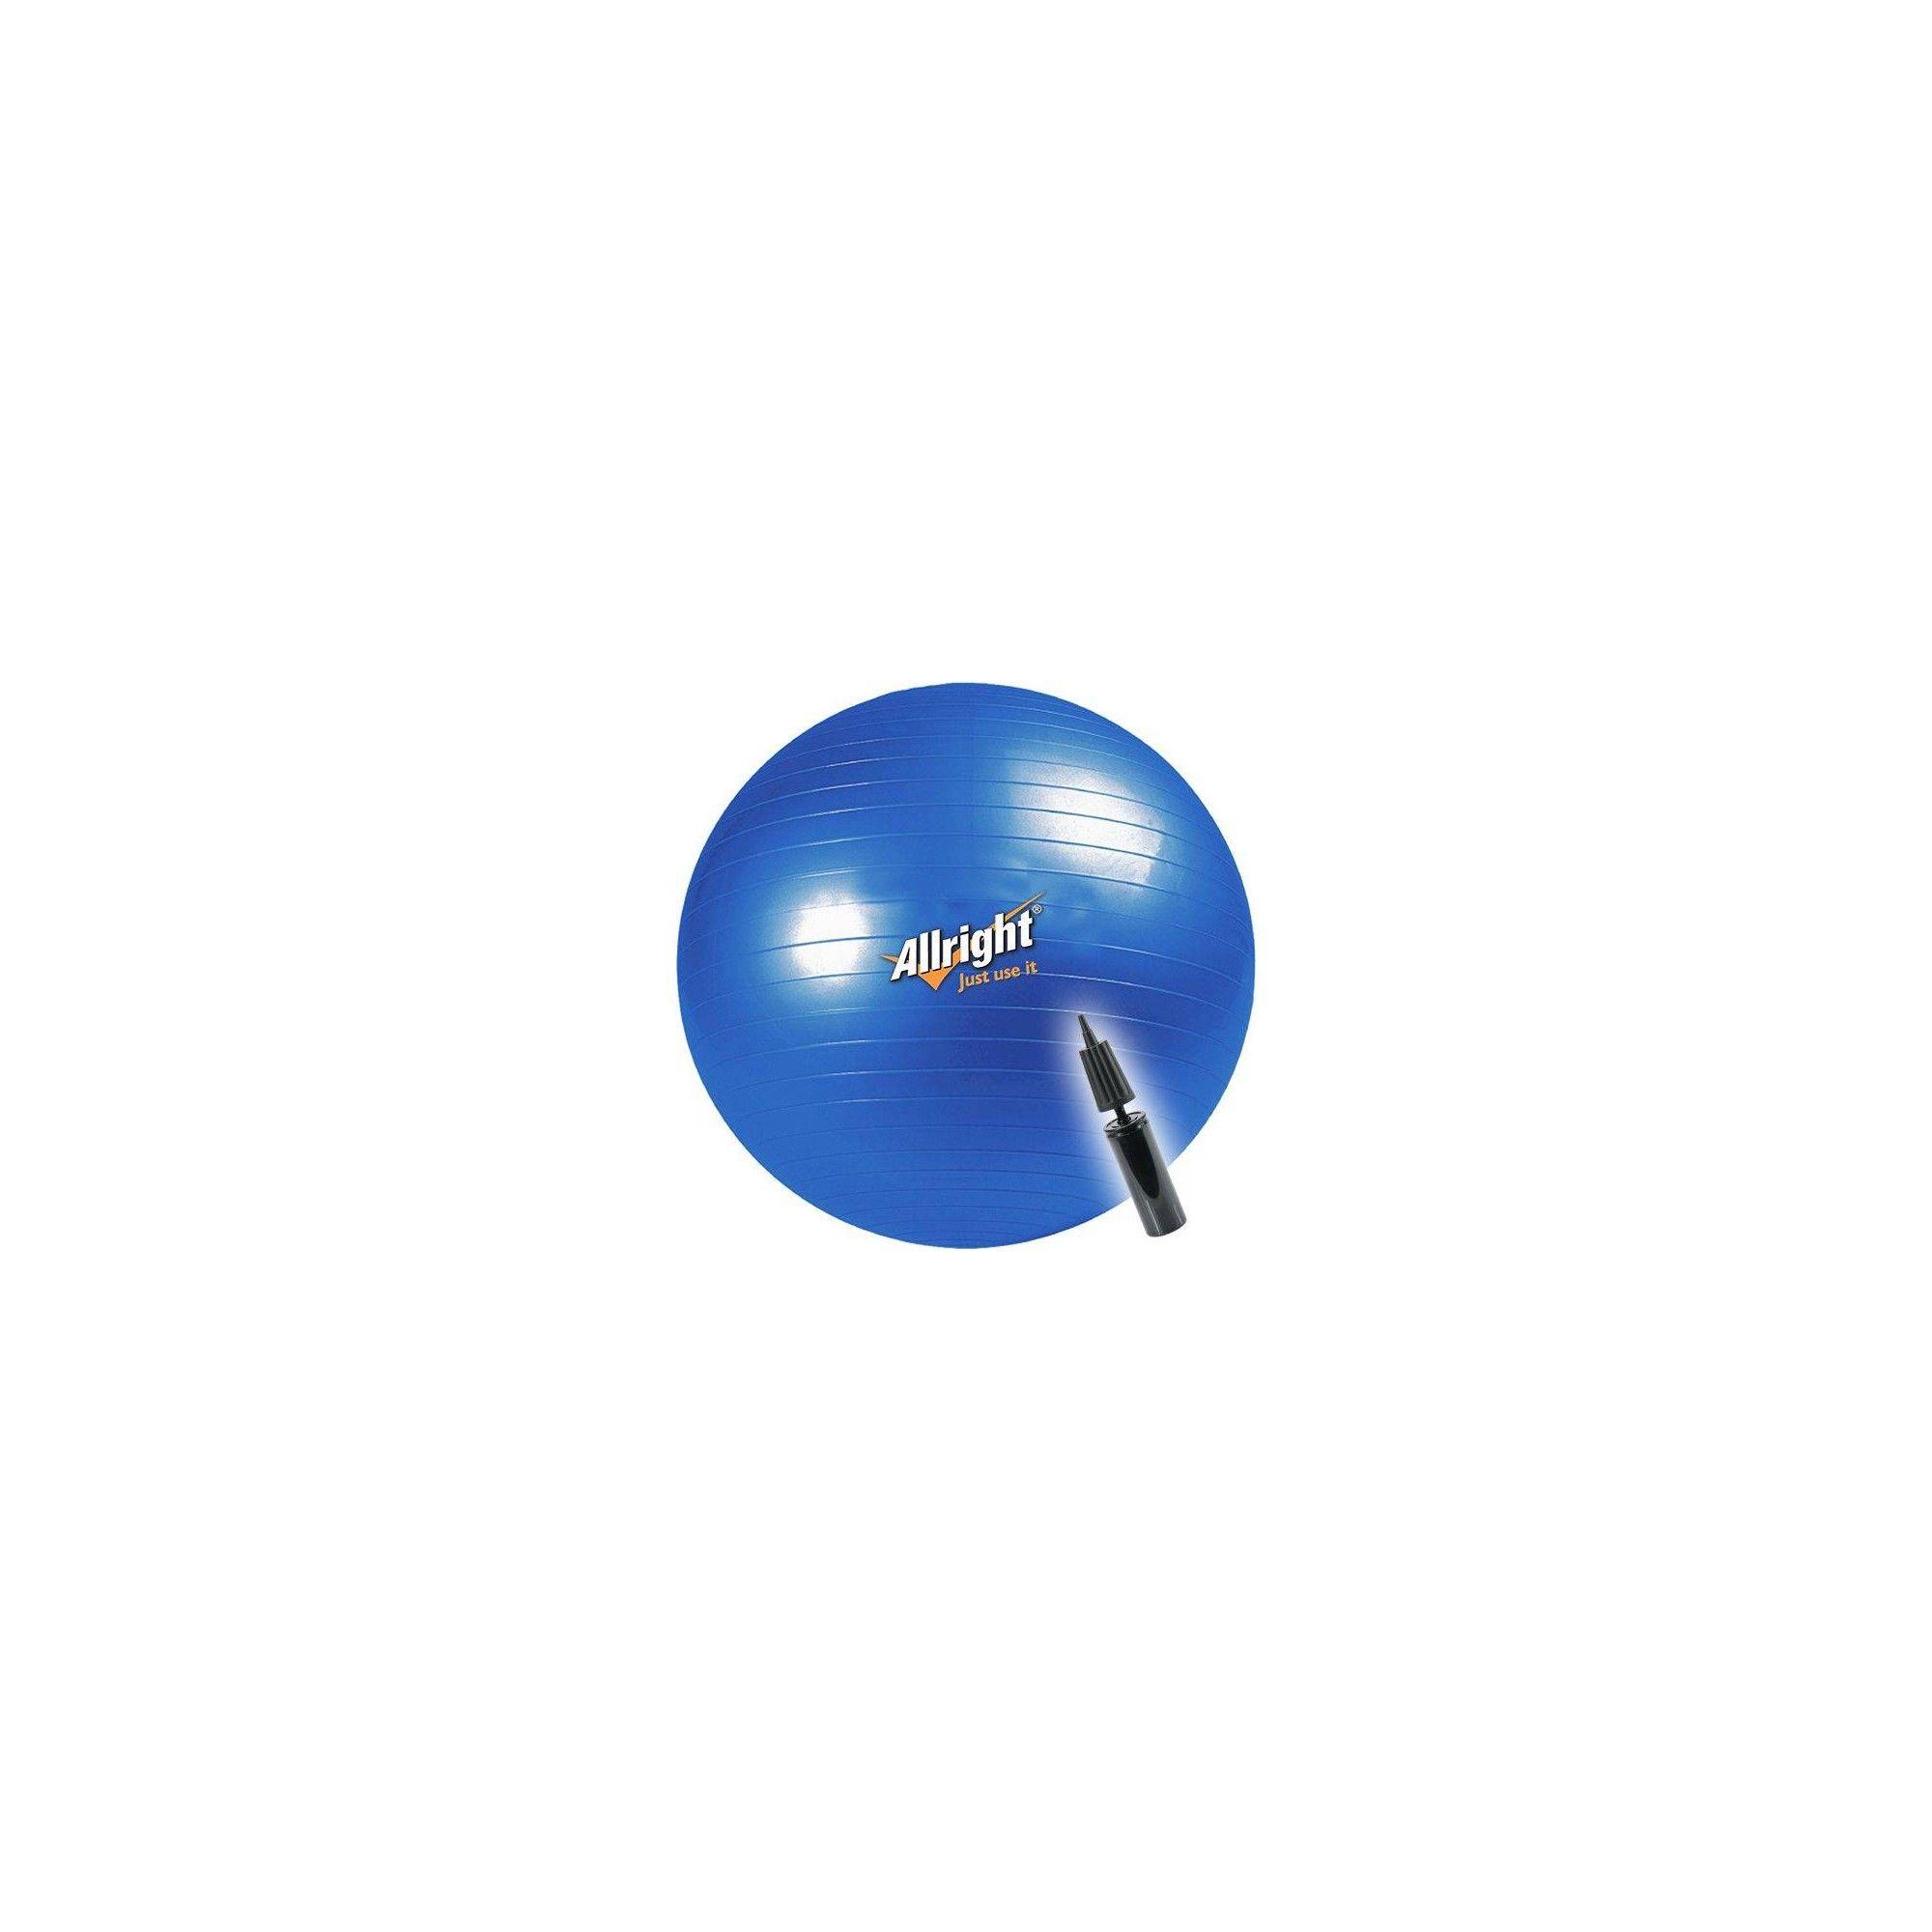 Piłka gimnastyczna Allright 75cm | niebieska,producent: ALLRIGHT, zdjecie photo: 1 | online shop klubfitness.pl | sprzęt sportow